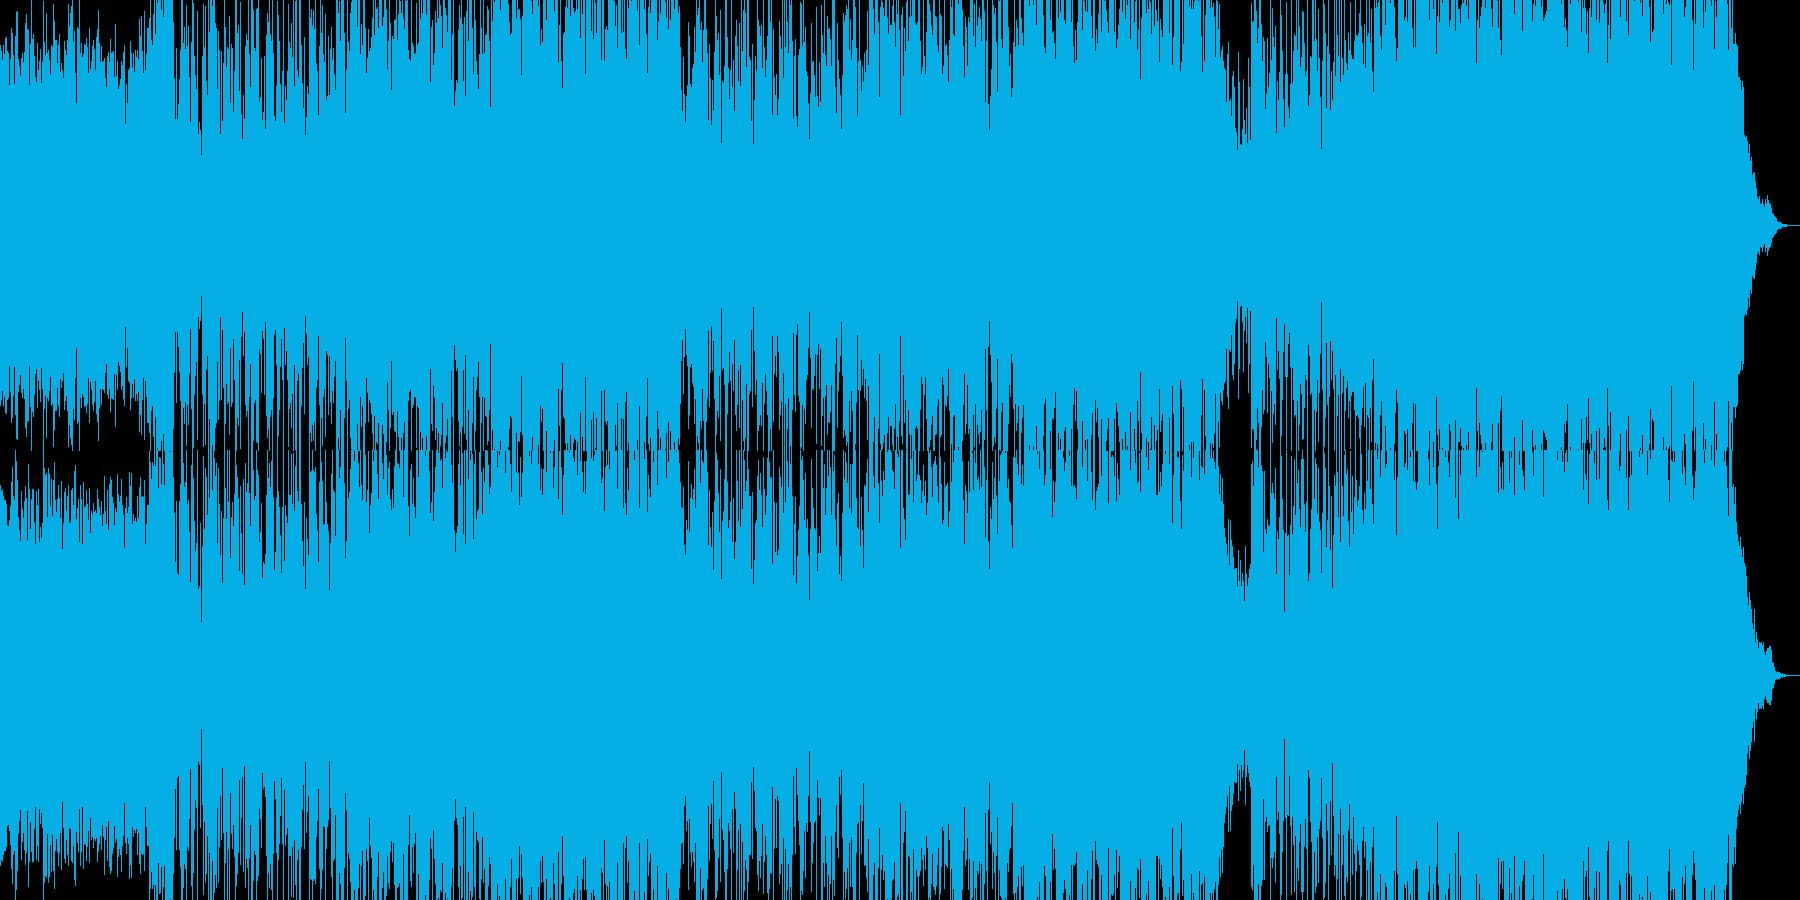 和風で明るい日本的な楽曲の再生済みの波形